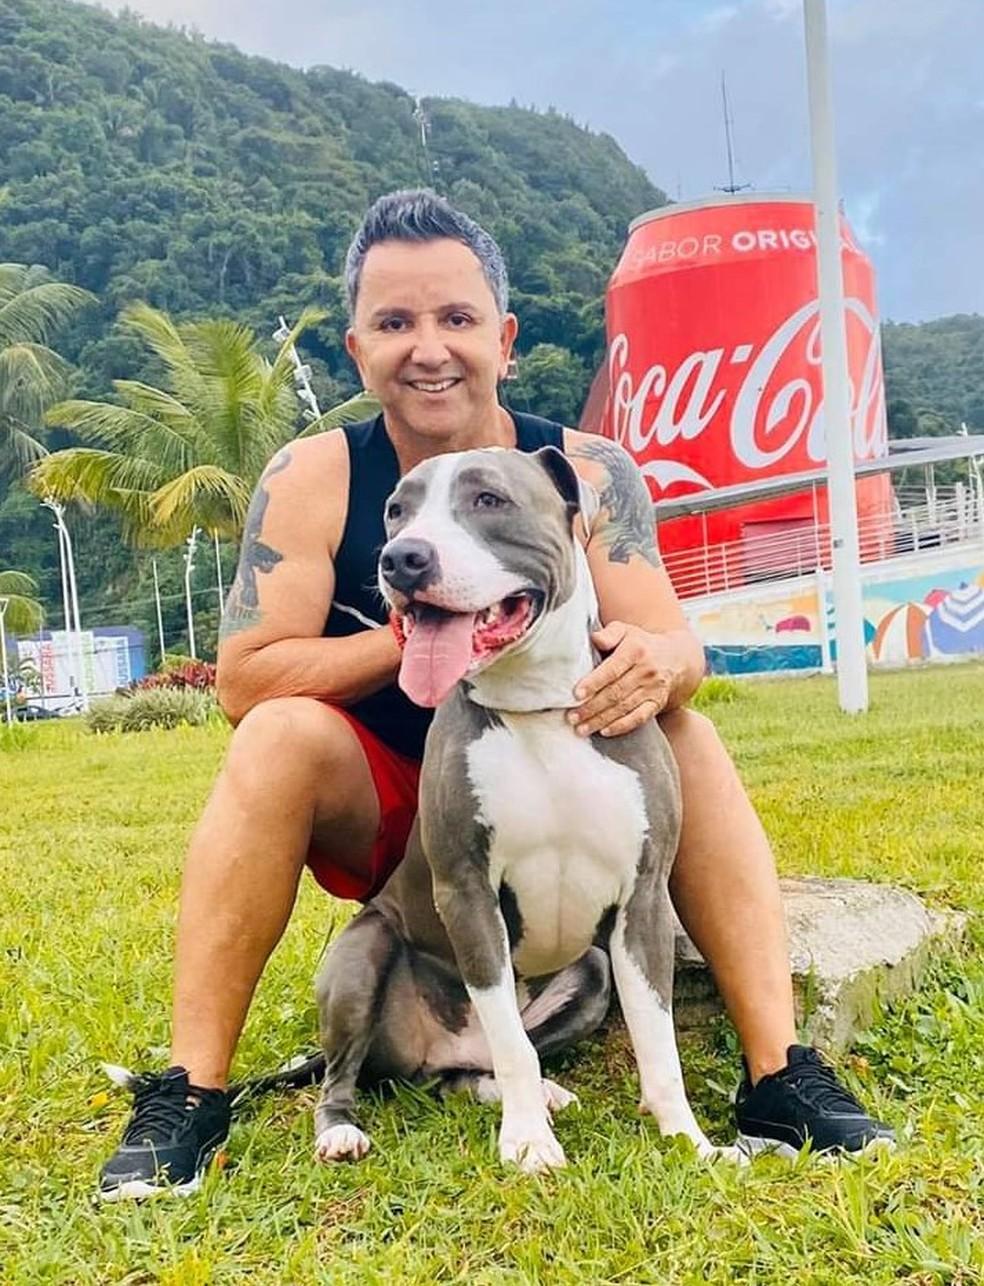 Família de criança atacada por cachorro contesta versão apresentada por deputado — Foto: Reprodução